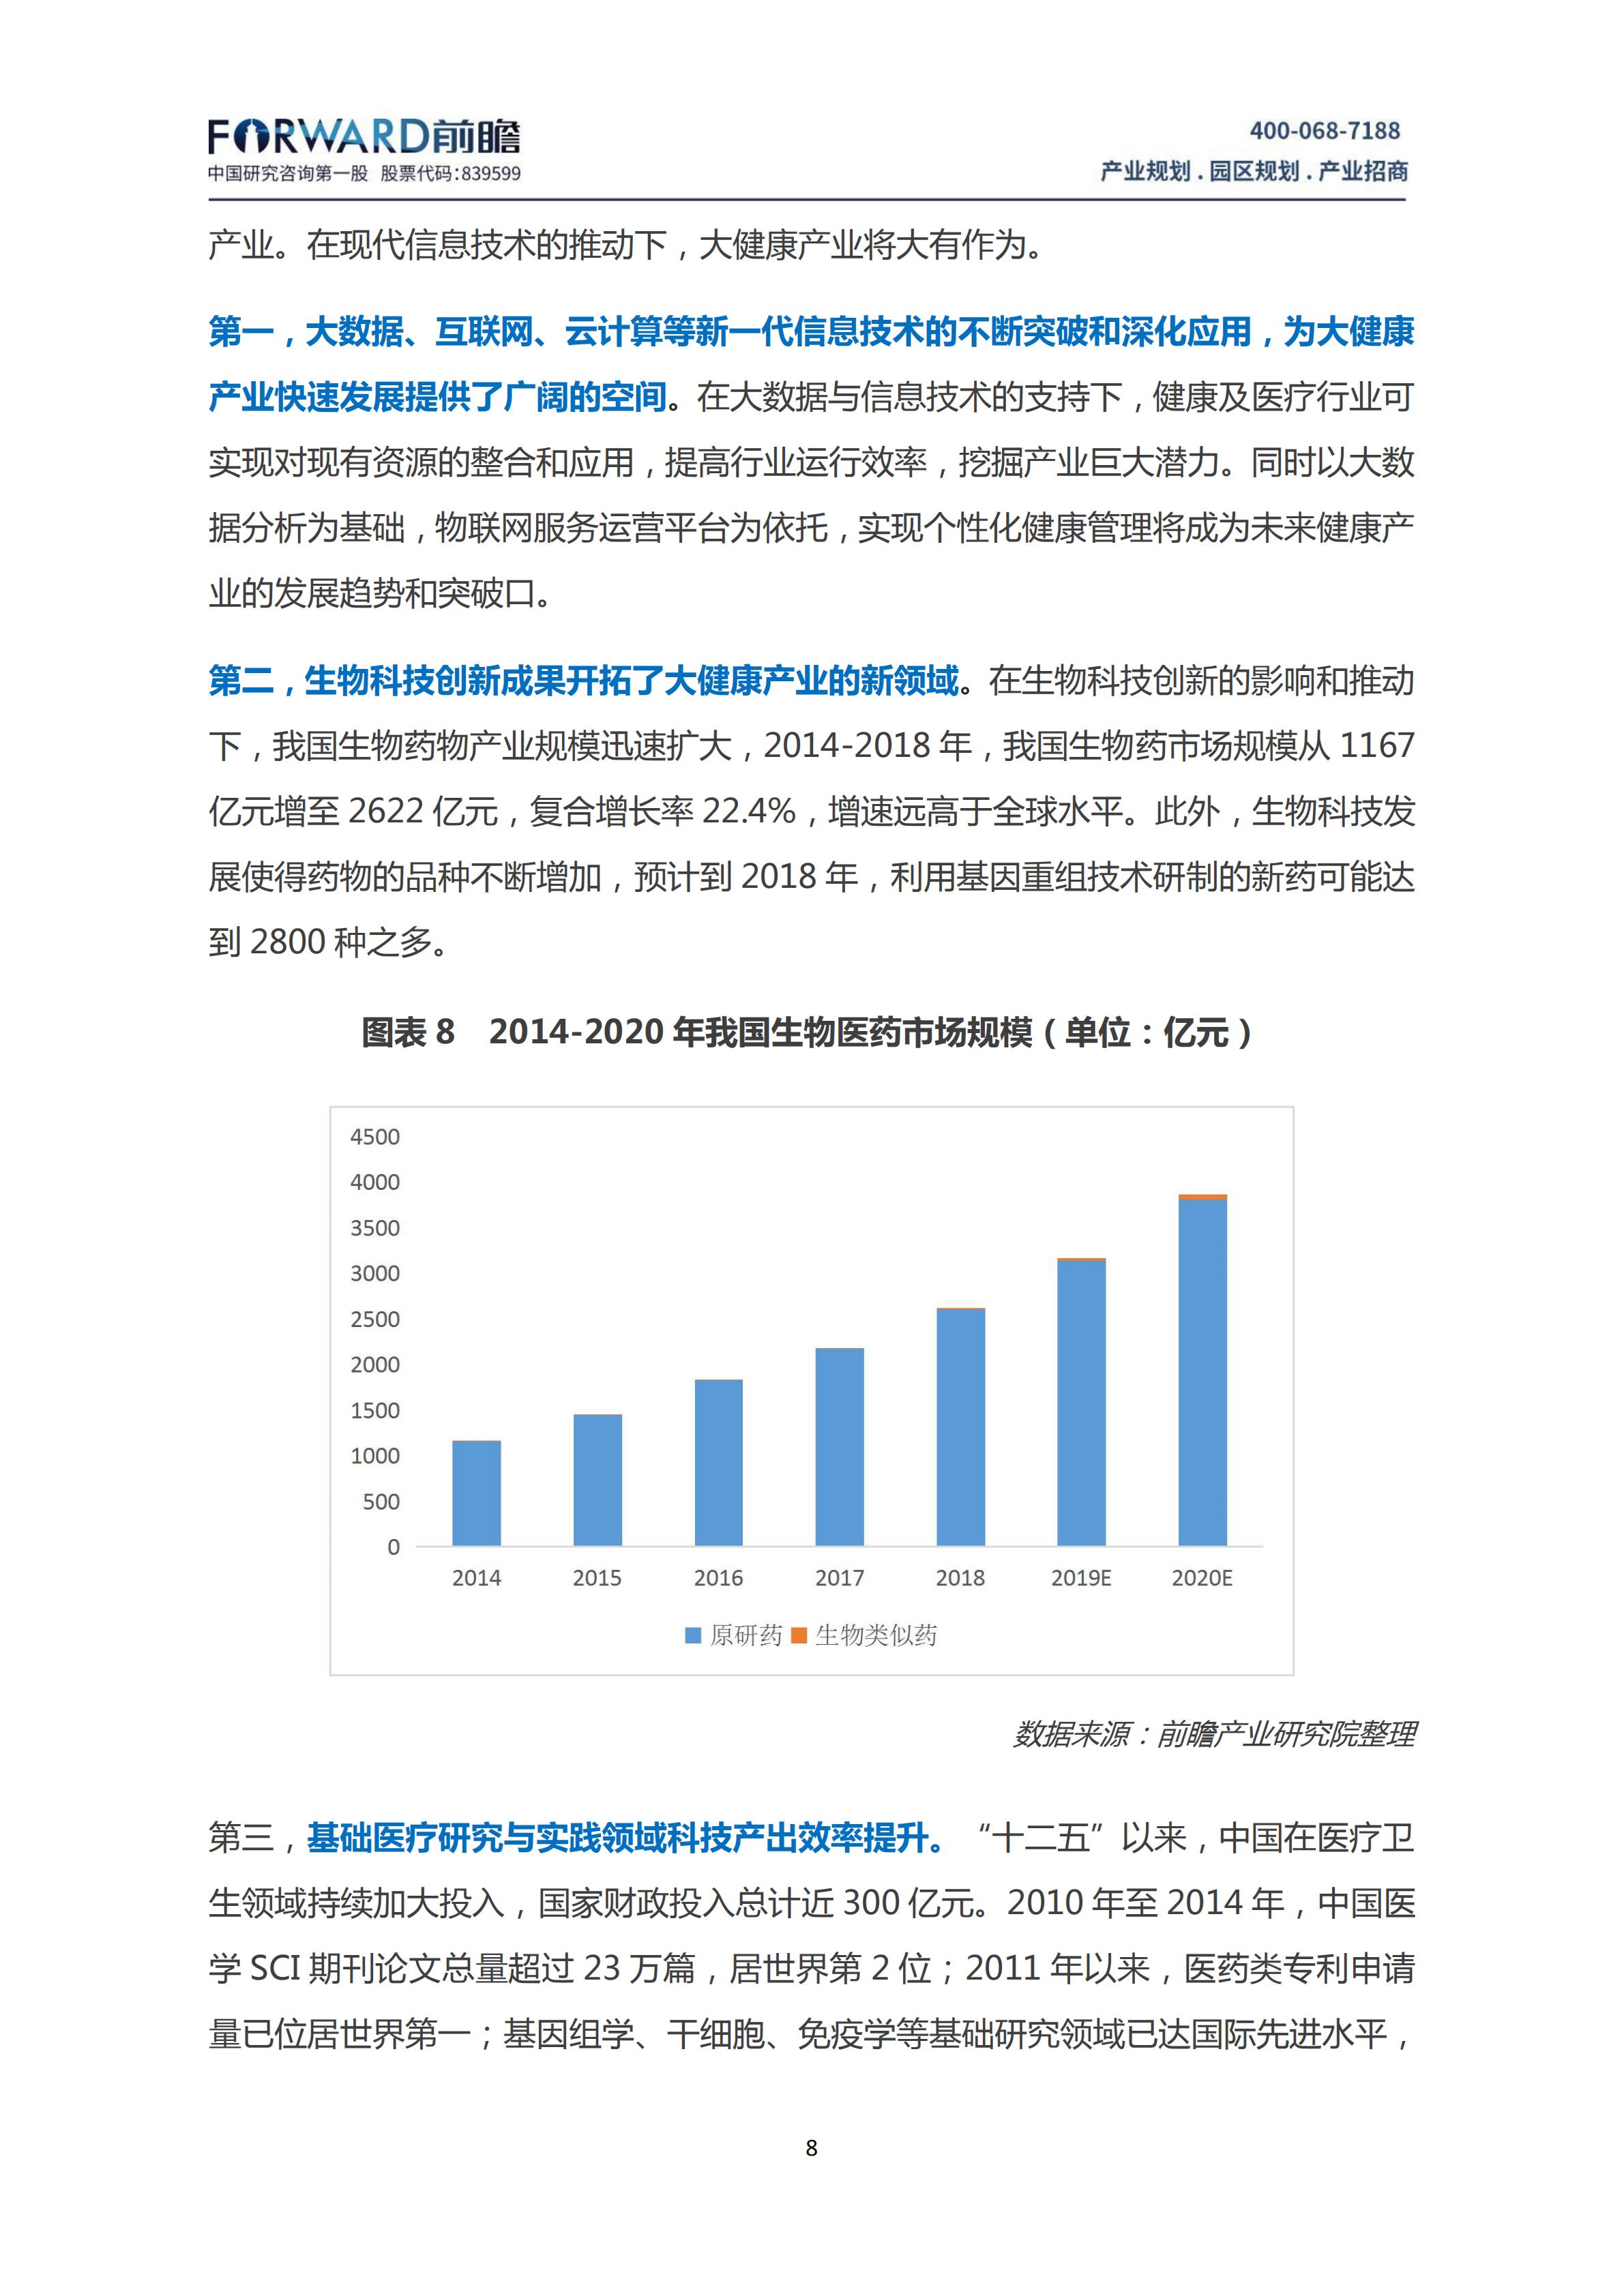 中国大健康产业发展现状及趋势分析_09.png